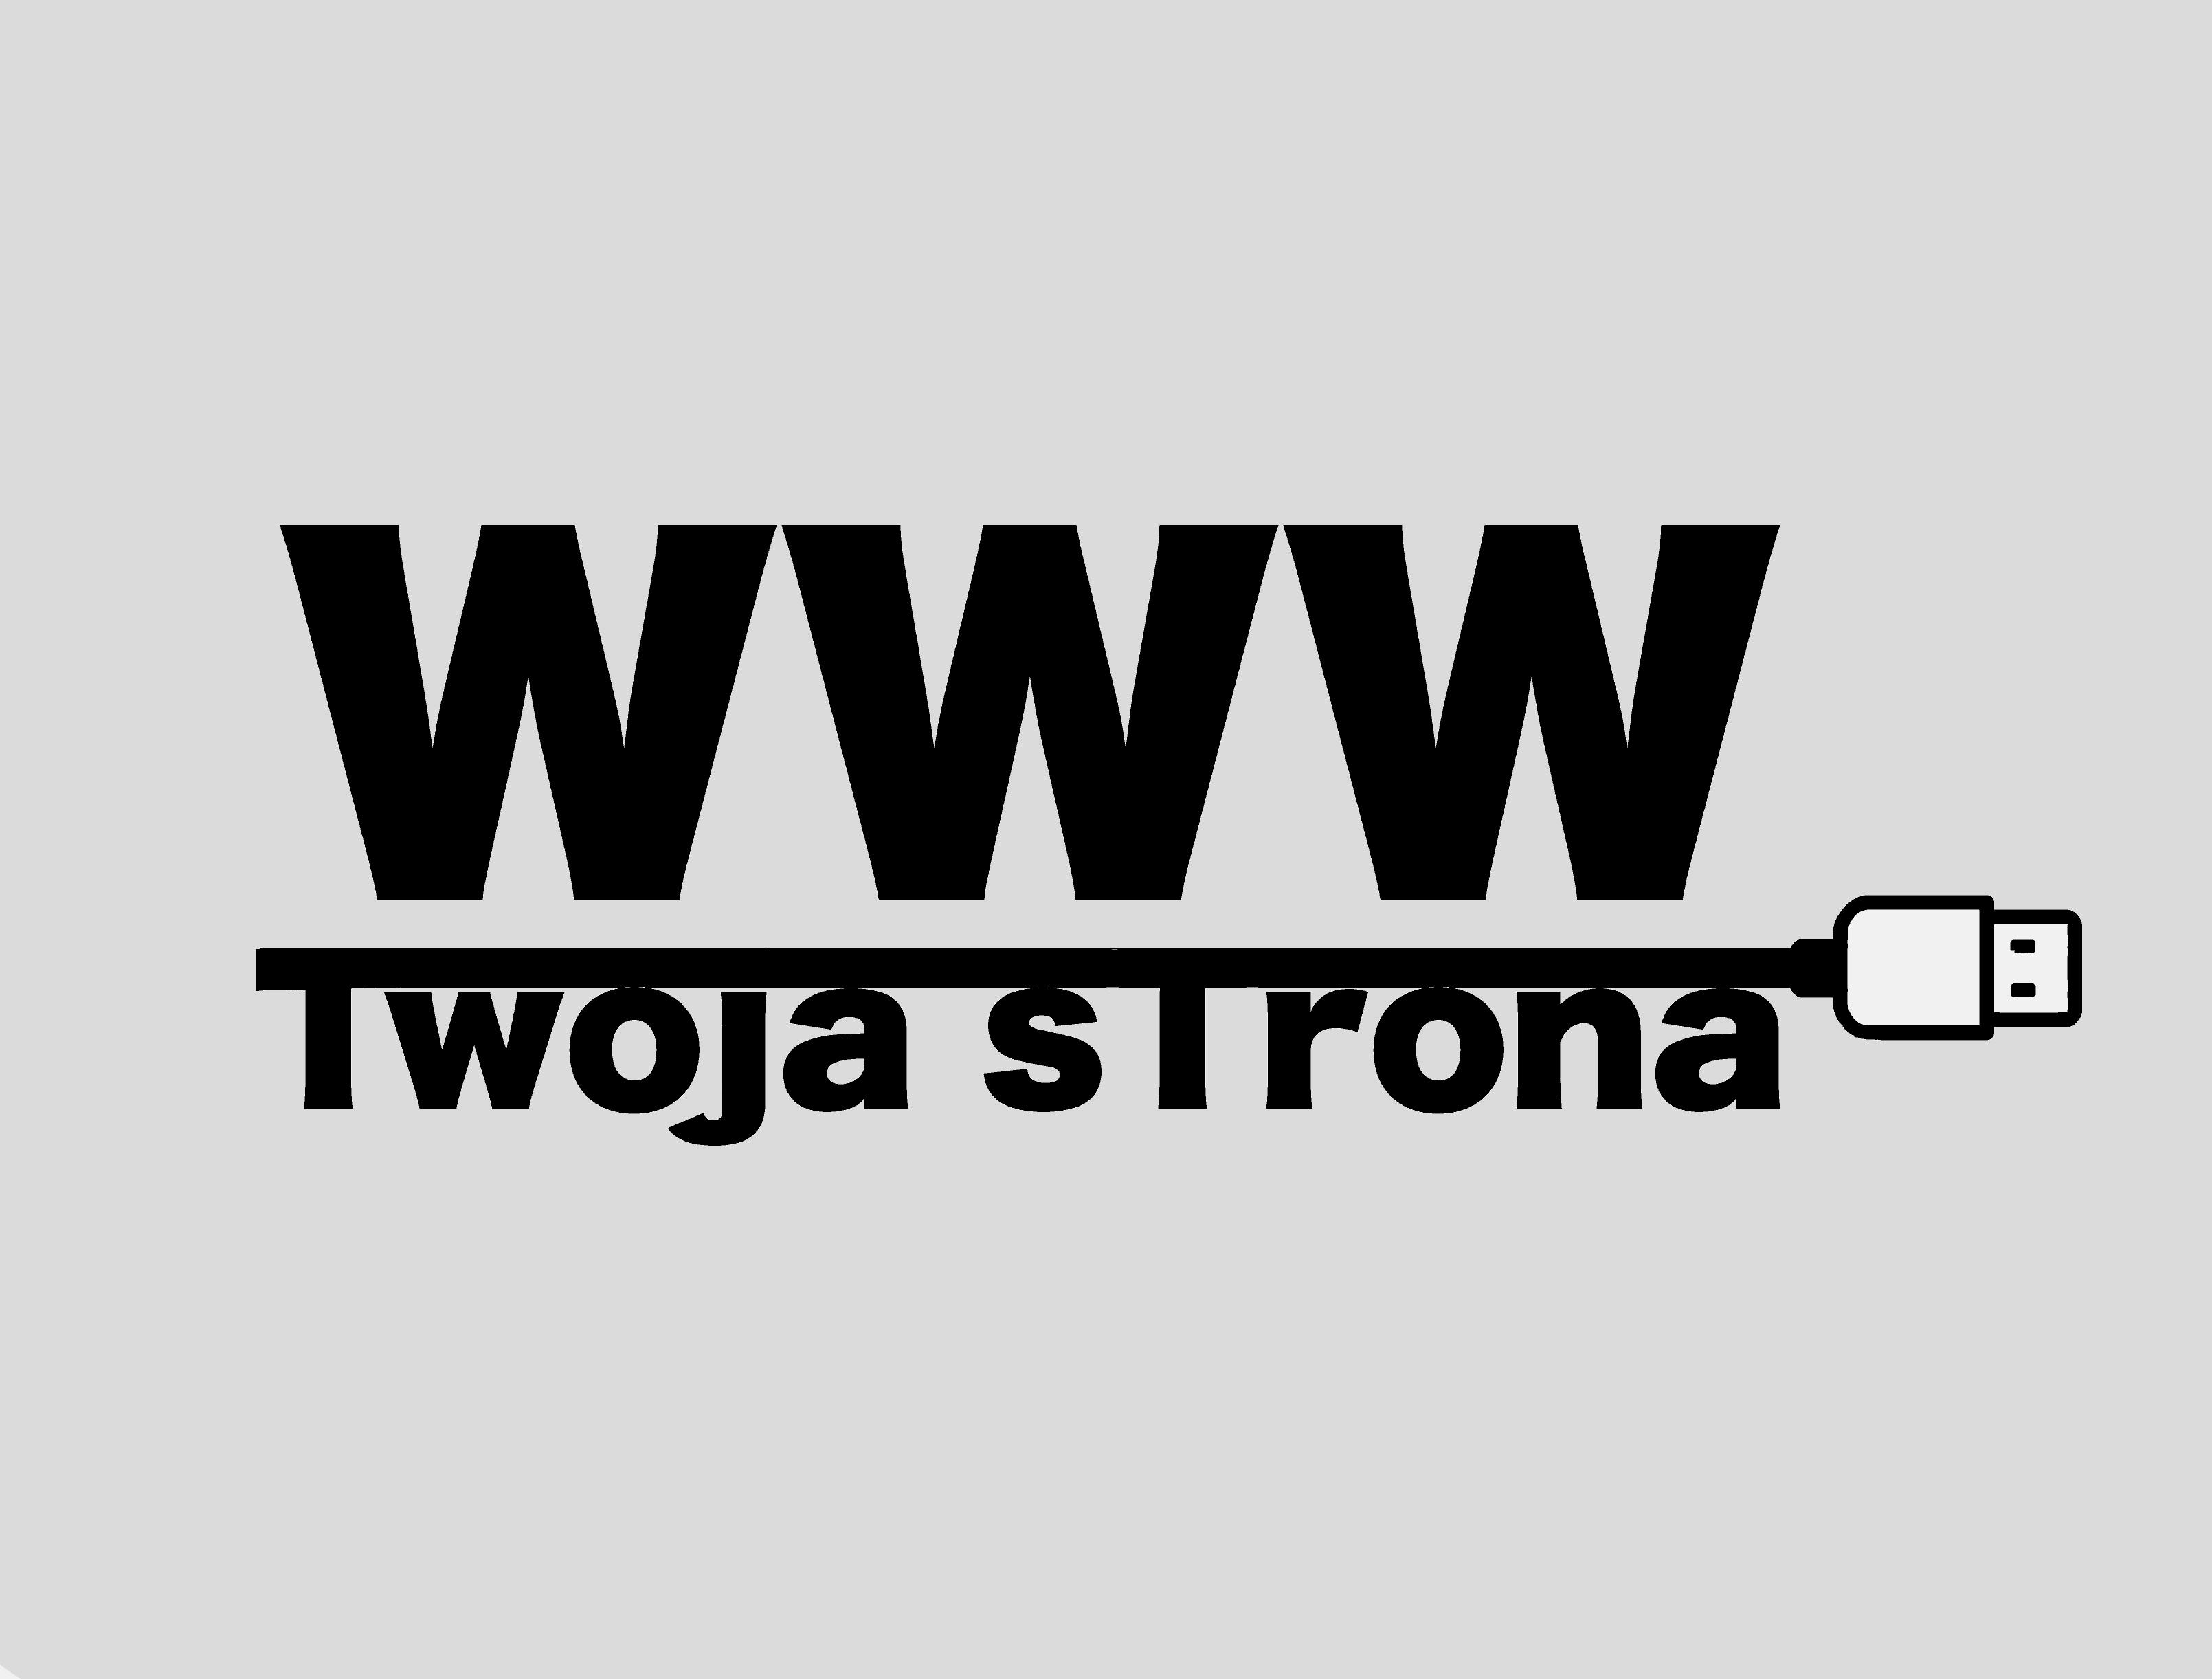 Twoja strona www